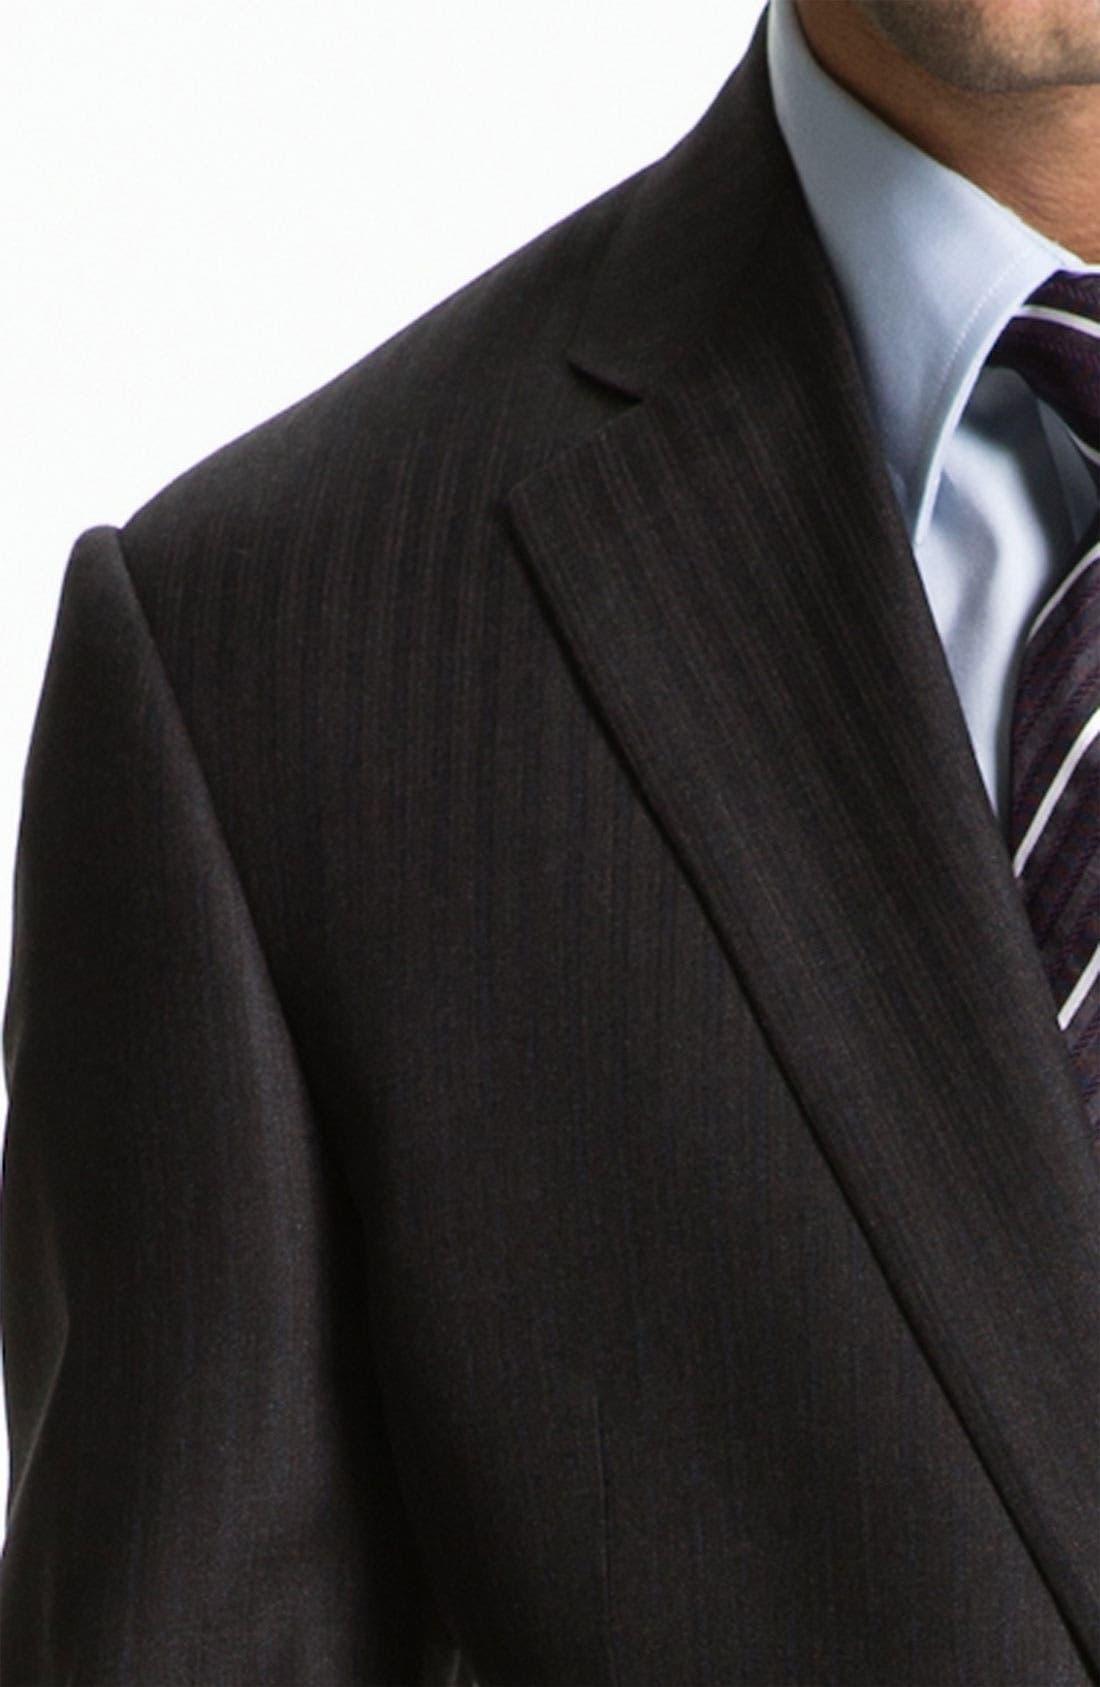 Armani Collezioni 'Giorgio' Trim Fit Stripe Suit,                             Alternate thumbnail 3, color,                             024